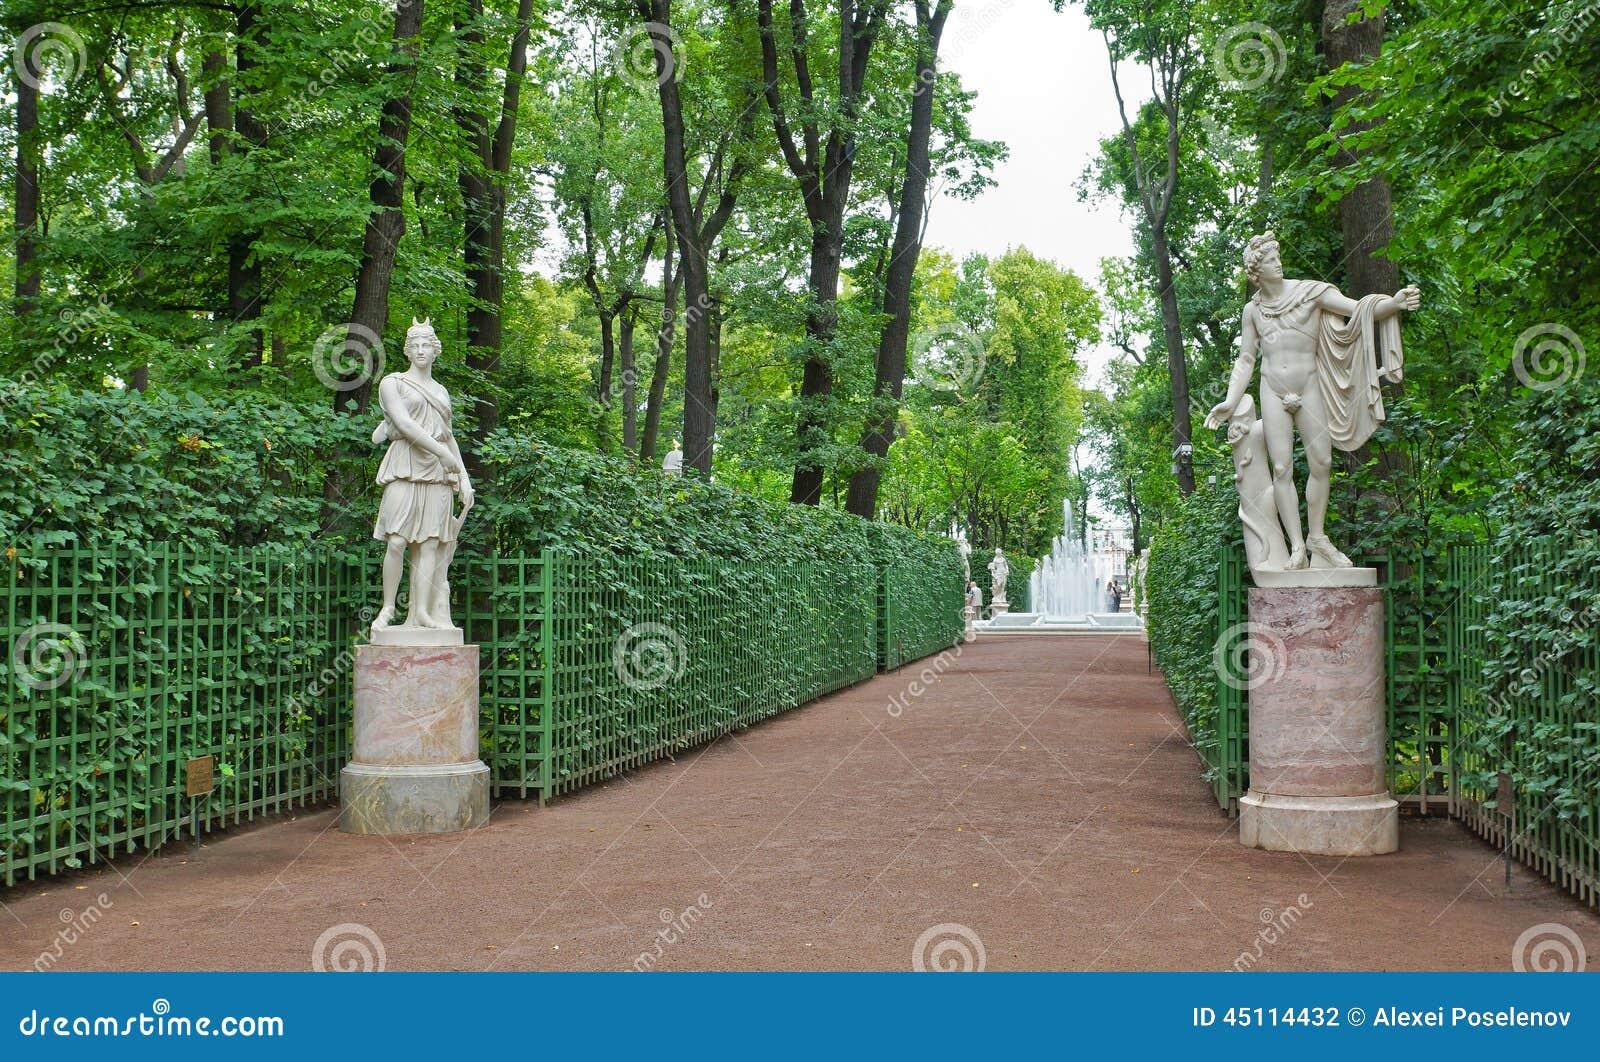 Τα αρχαία αγάλματα το καλοκαίρι καλλιεργούν πάρκο στην Άγιος-Πετρούπολη